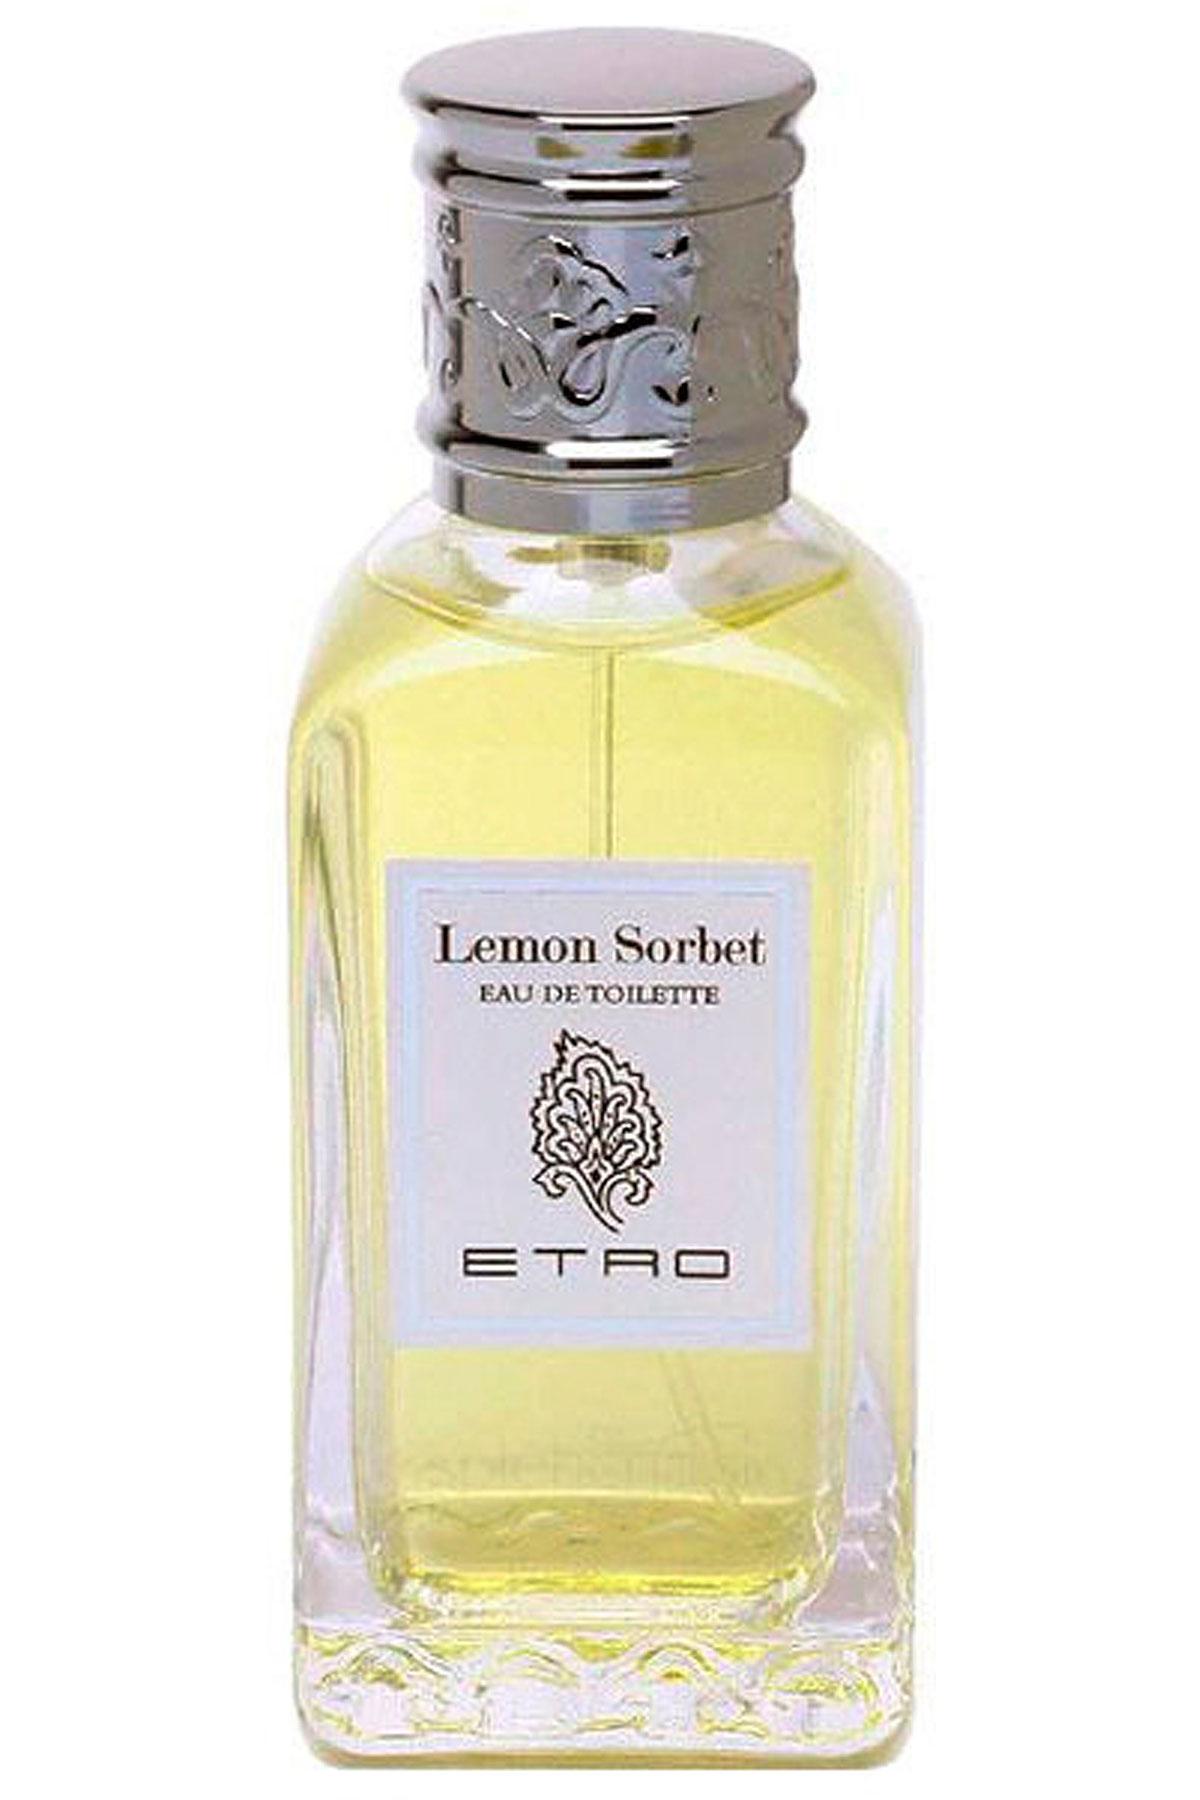 Etro Fragrances for Men On Sale, Lemon Sorbet - Eau De Toilette - 100 Ml, 2019, 100 ml